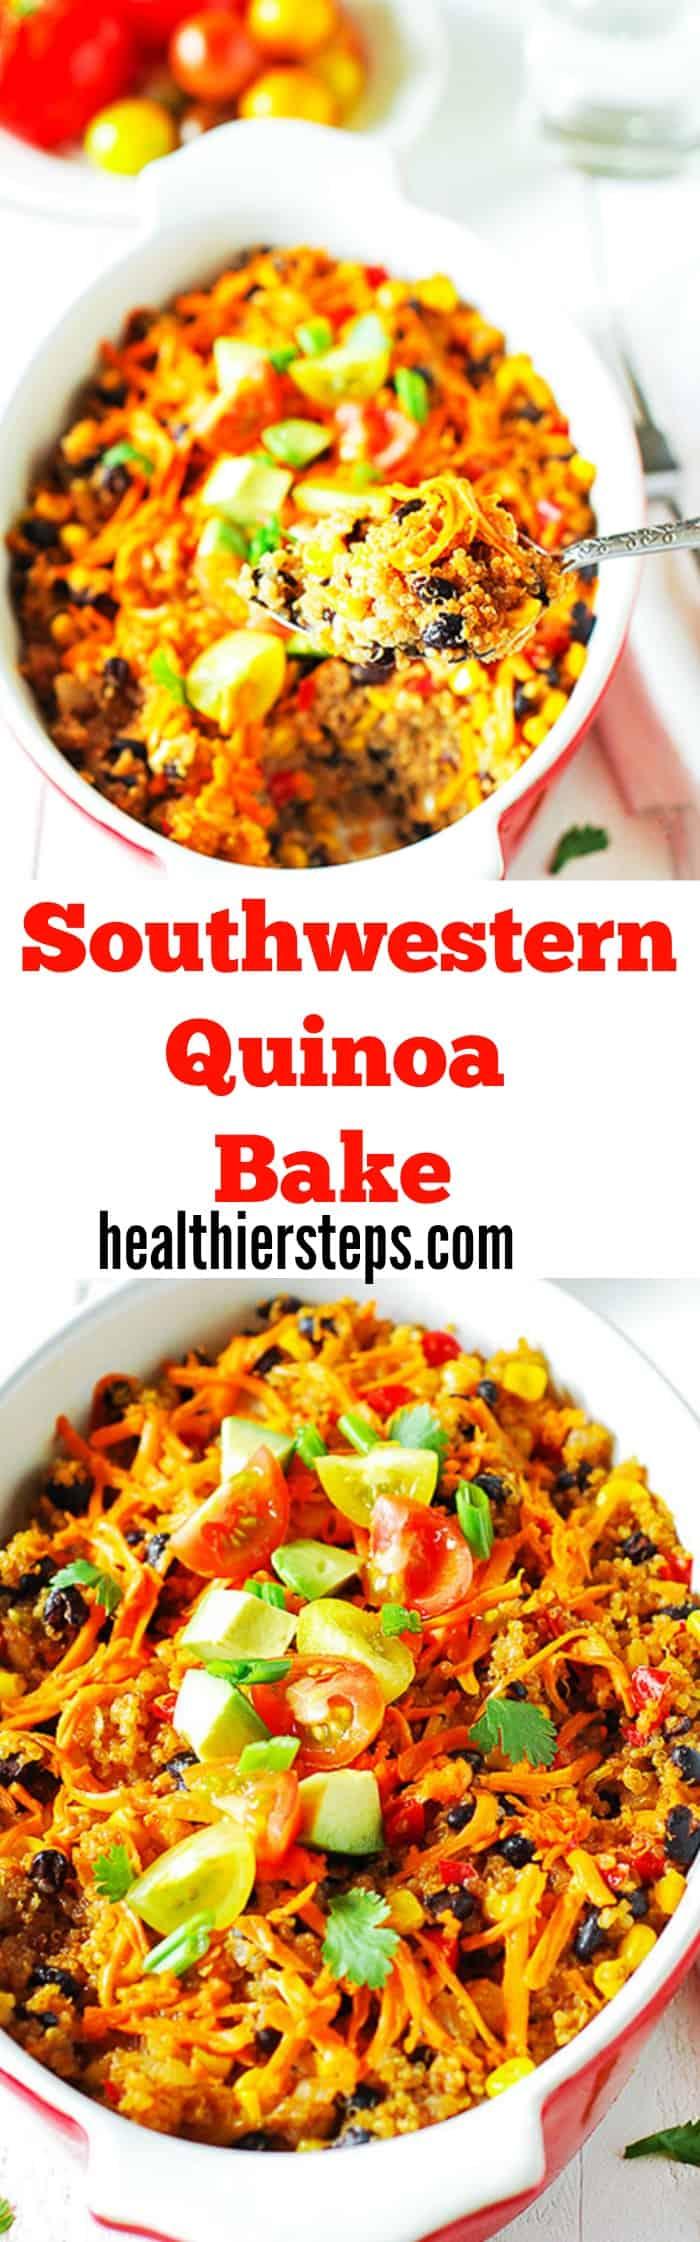 Southwestern Quinoa Bake (Vegan)